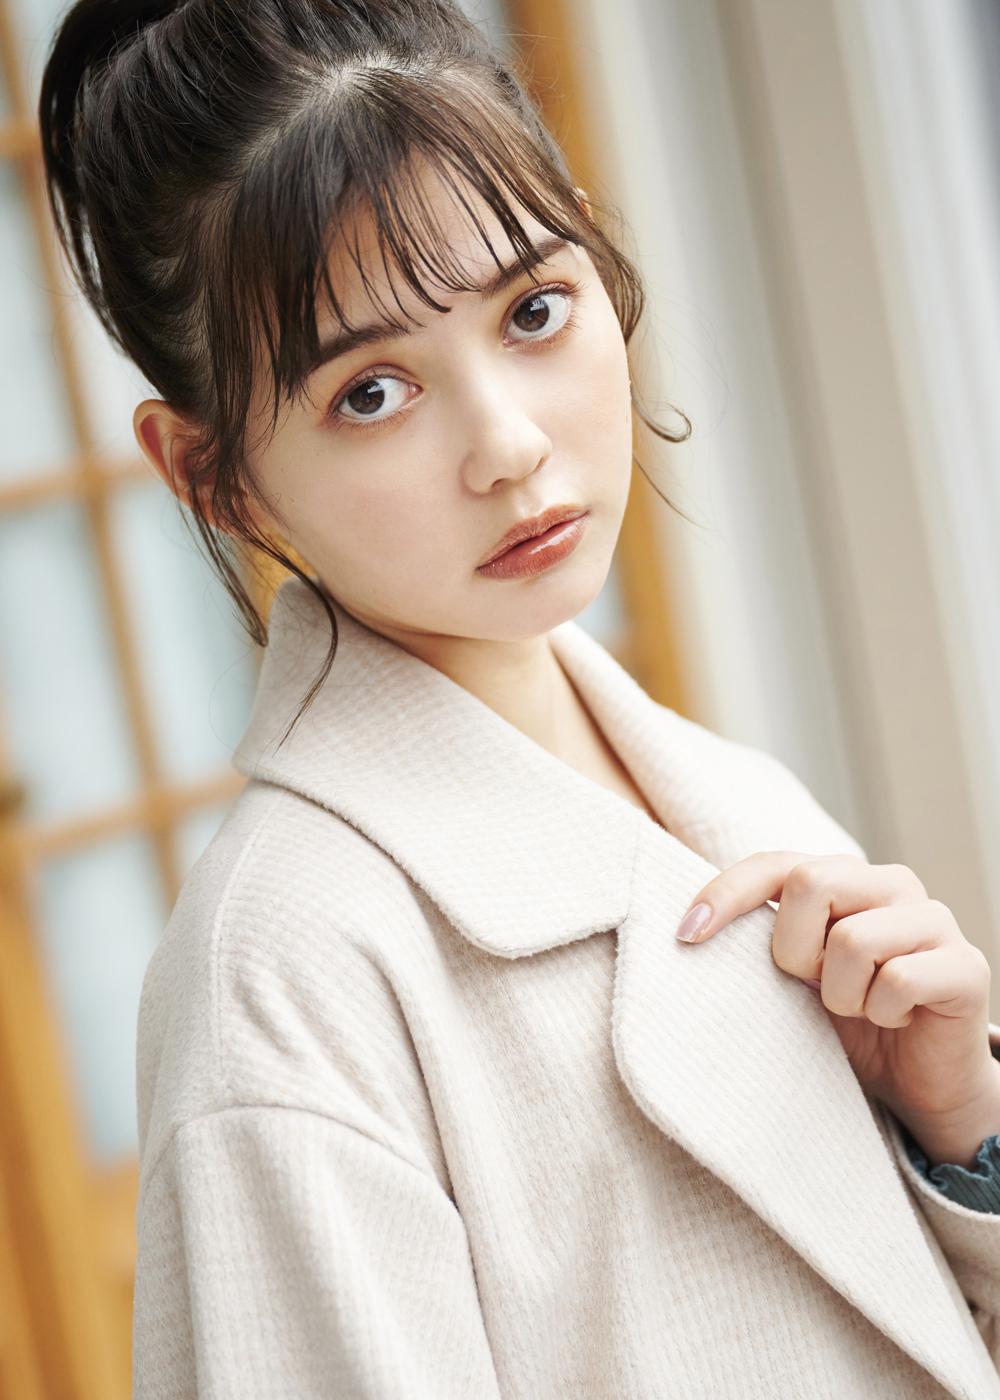 MAJE×愛花 Vol.4|オトナカワイイ♡おすすめロングコート特集